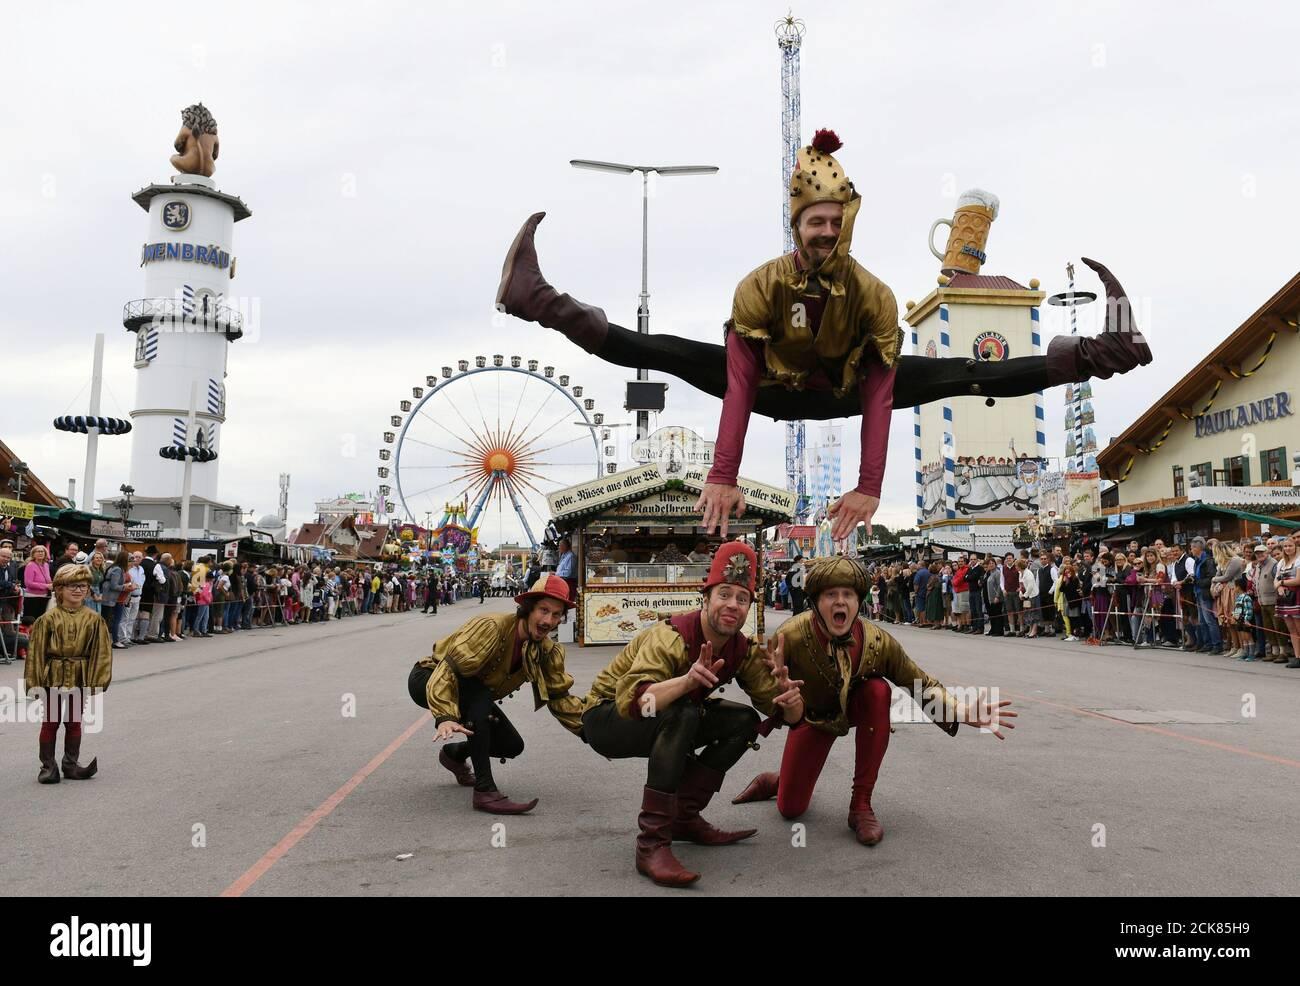 Les acteurs se sont rendus au défilé de l'Oktoberfest à Munich, en Allemagne, le 22 septembre 2019. REUTERS/Andreas Gebert Banque D'Images